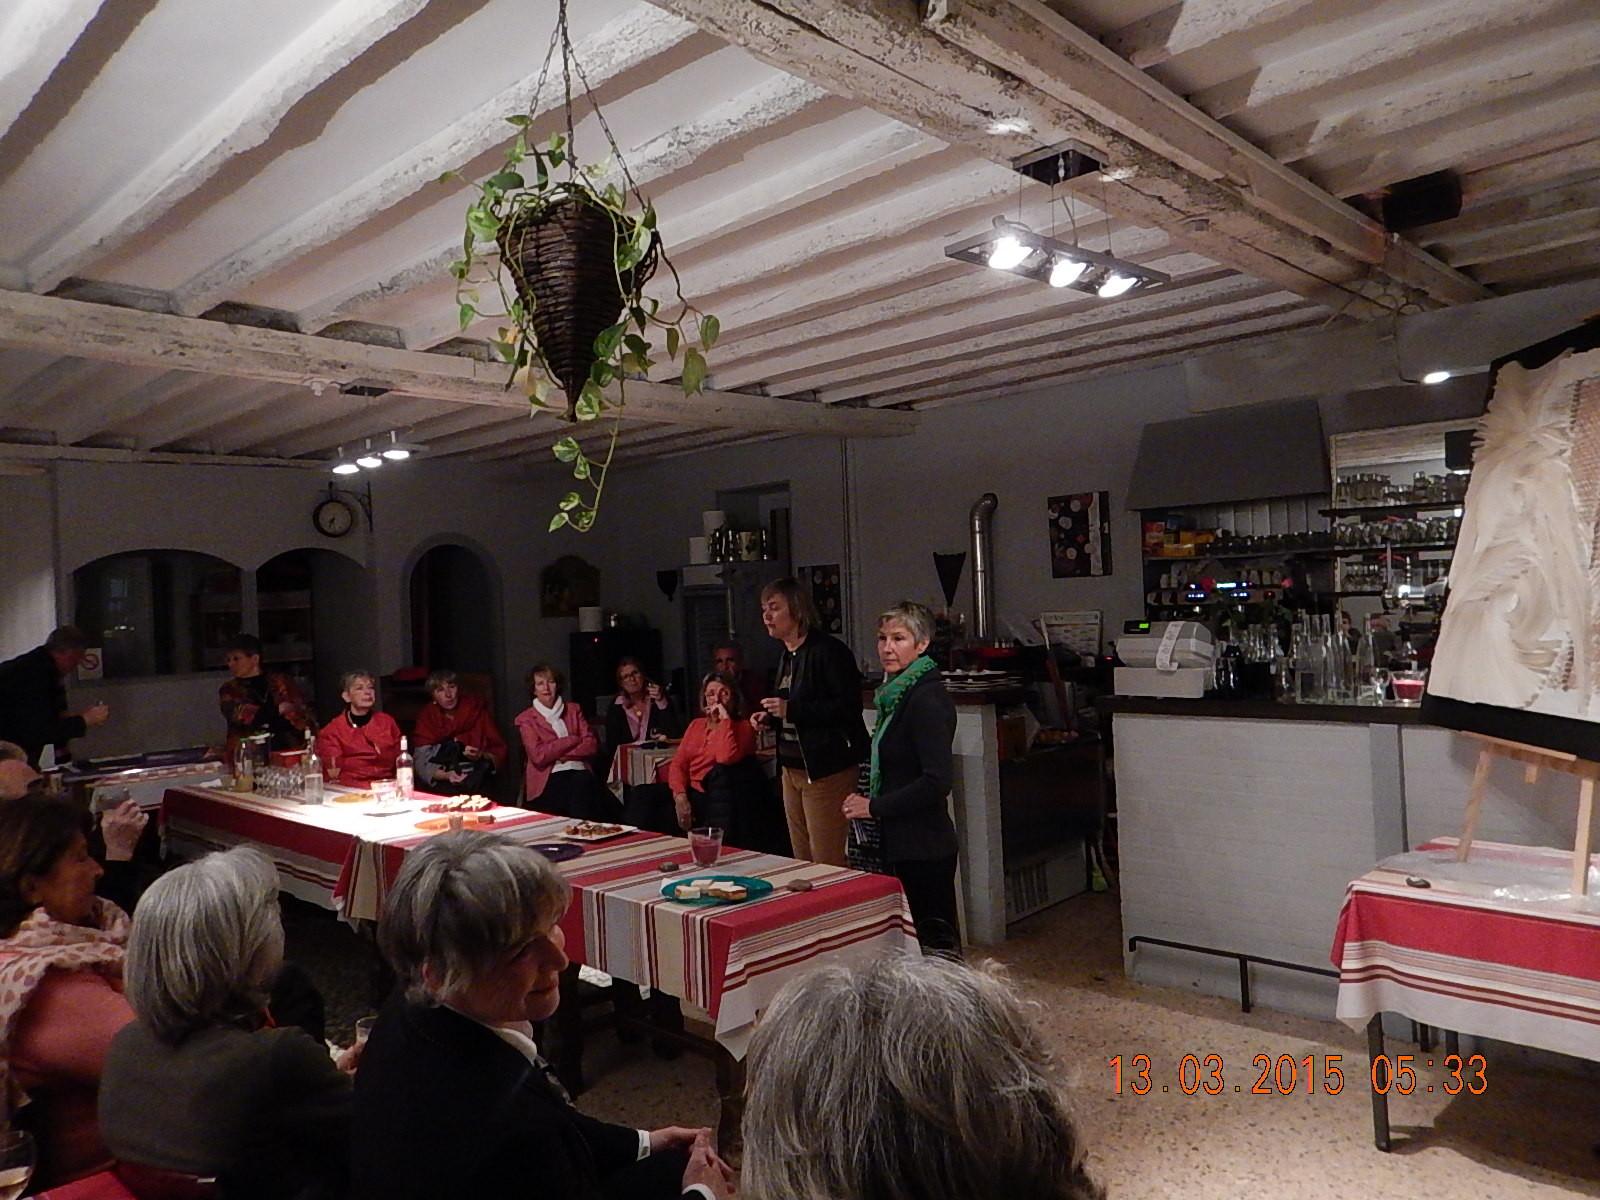 Rencontre littéraire avec les éditions LA CHEMINANTE au restaurant Xtanxtangorri à St Jean de Luz